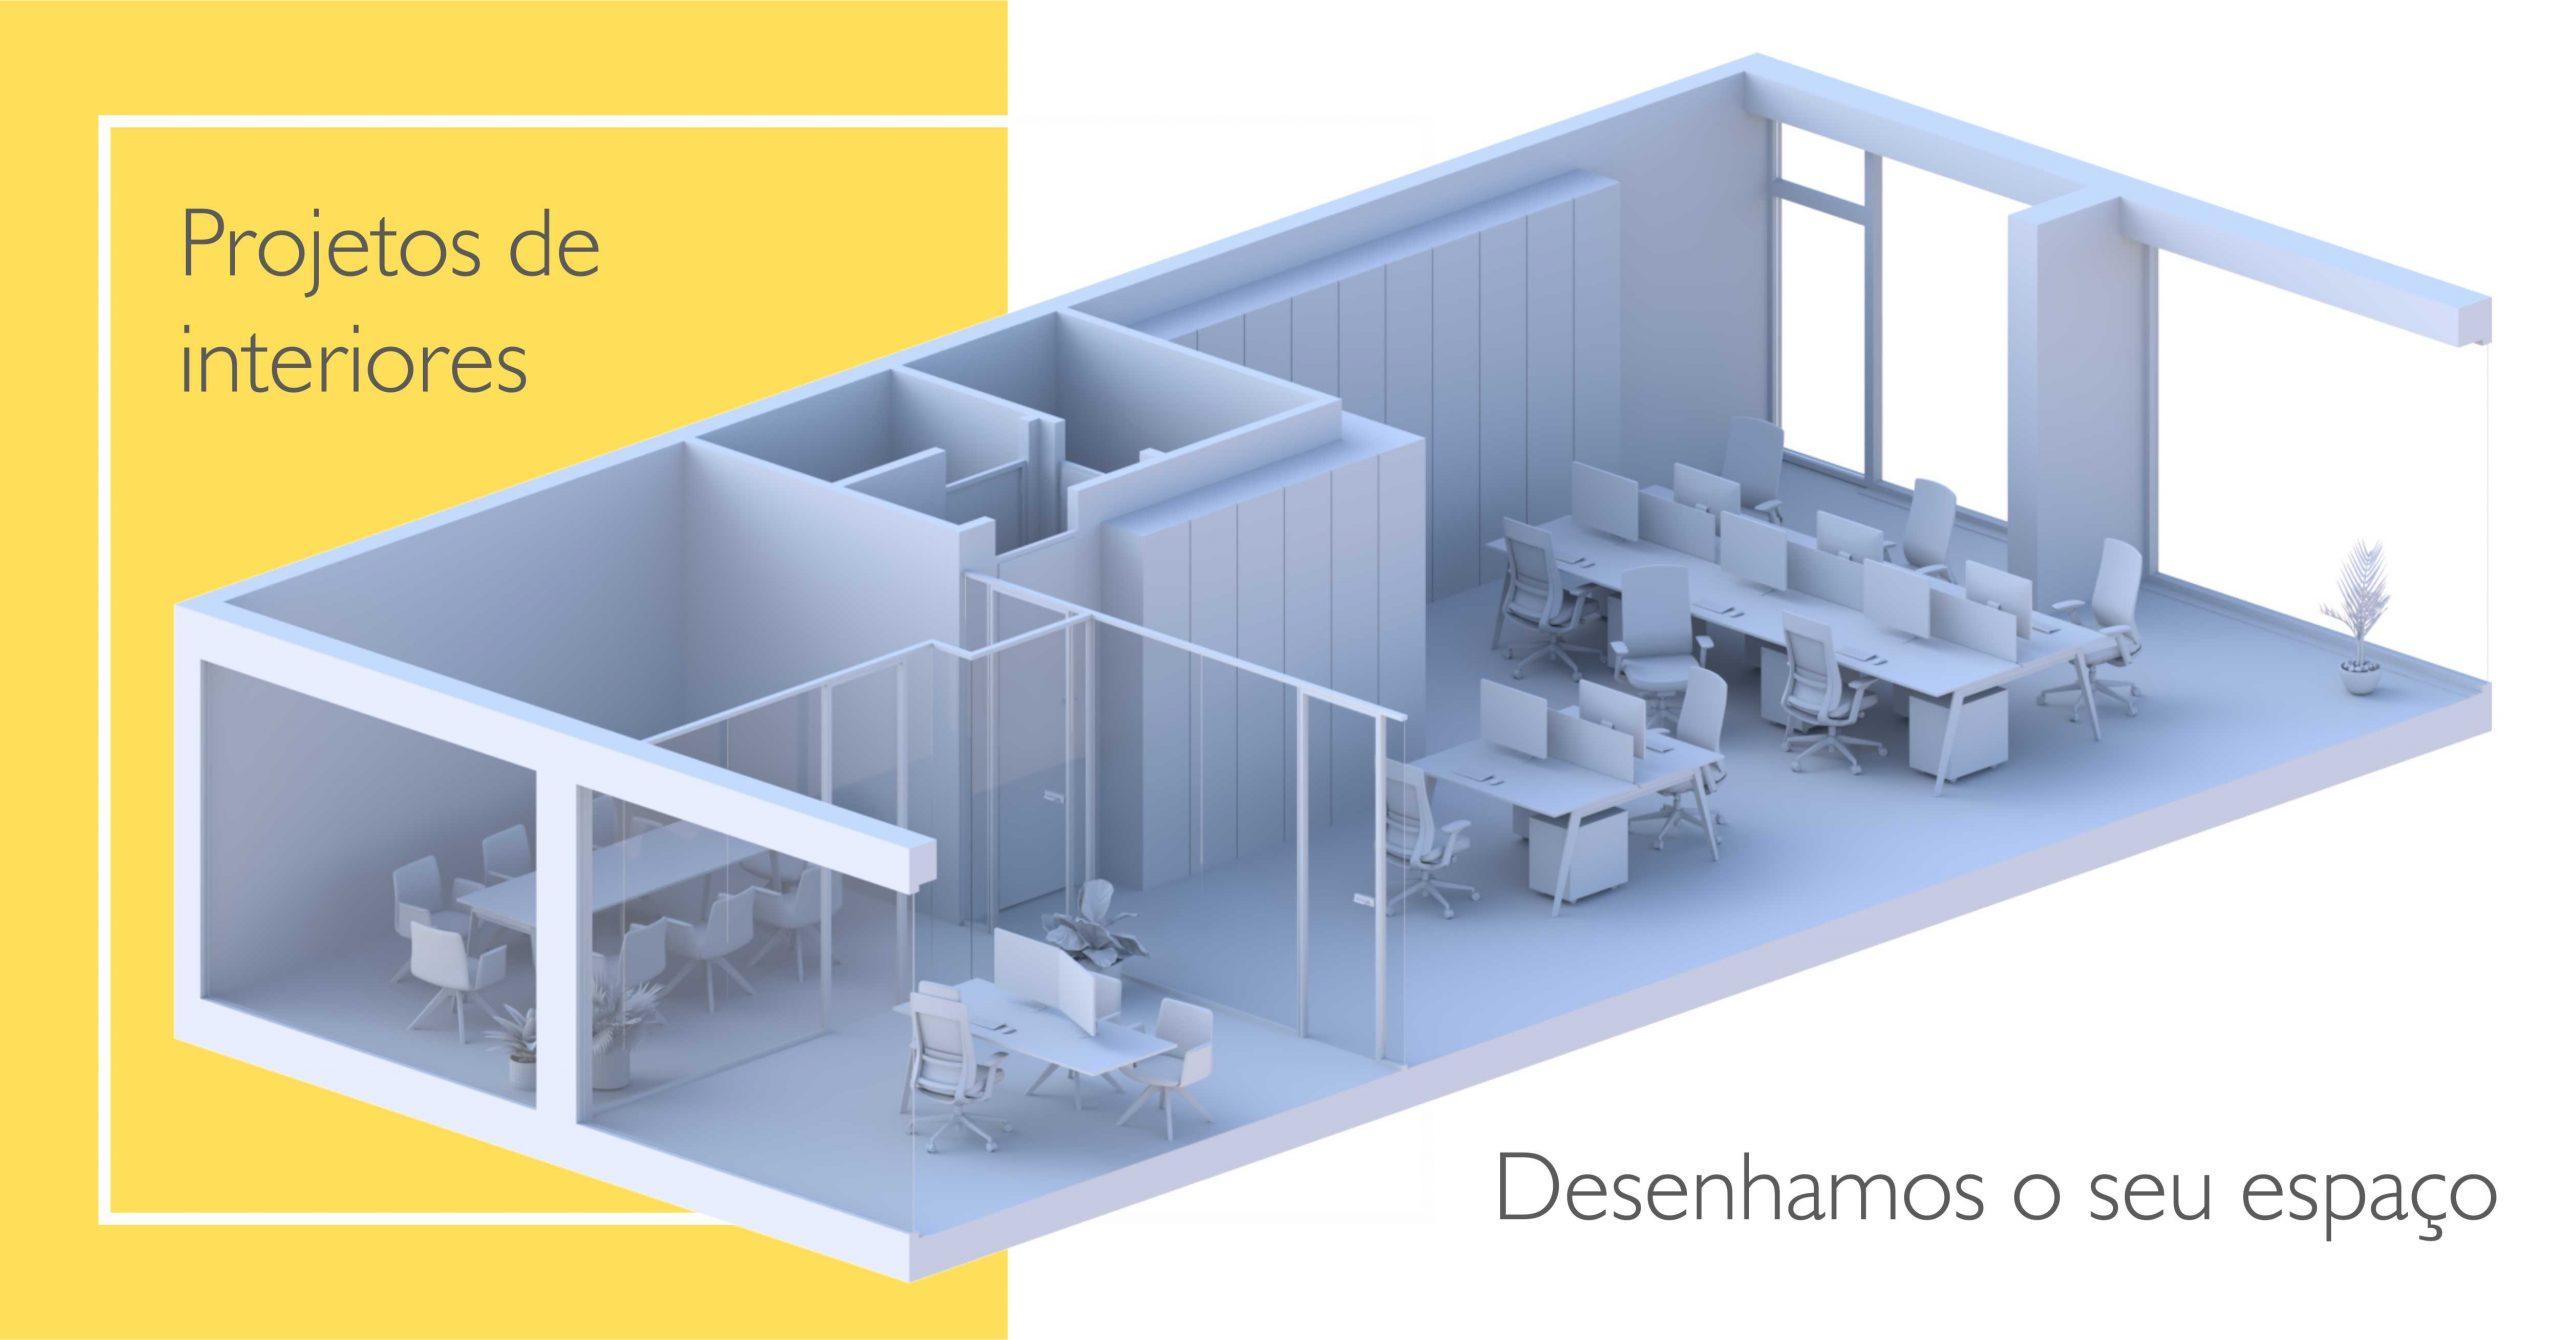 projetamos o seu espaço